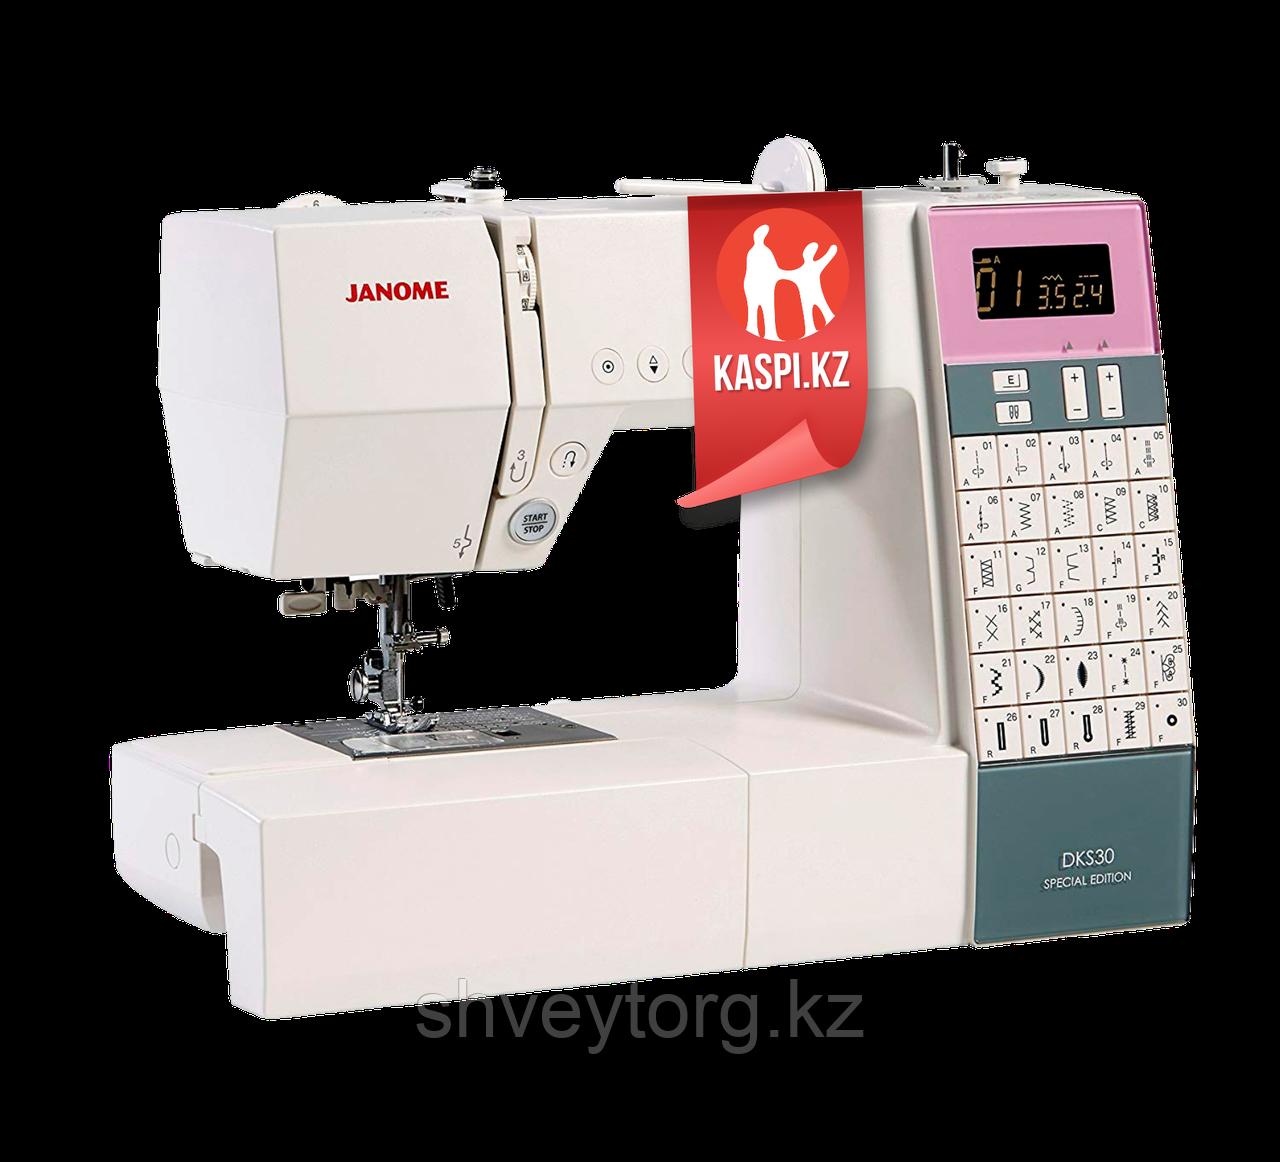 Компьютеризированная швейная машина Janome DKS 30